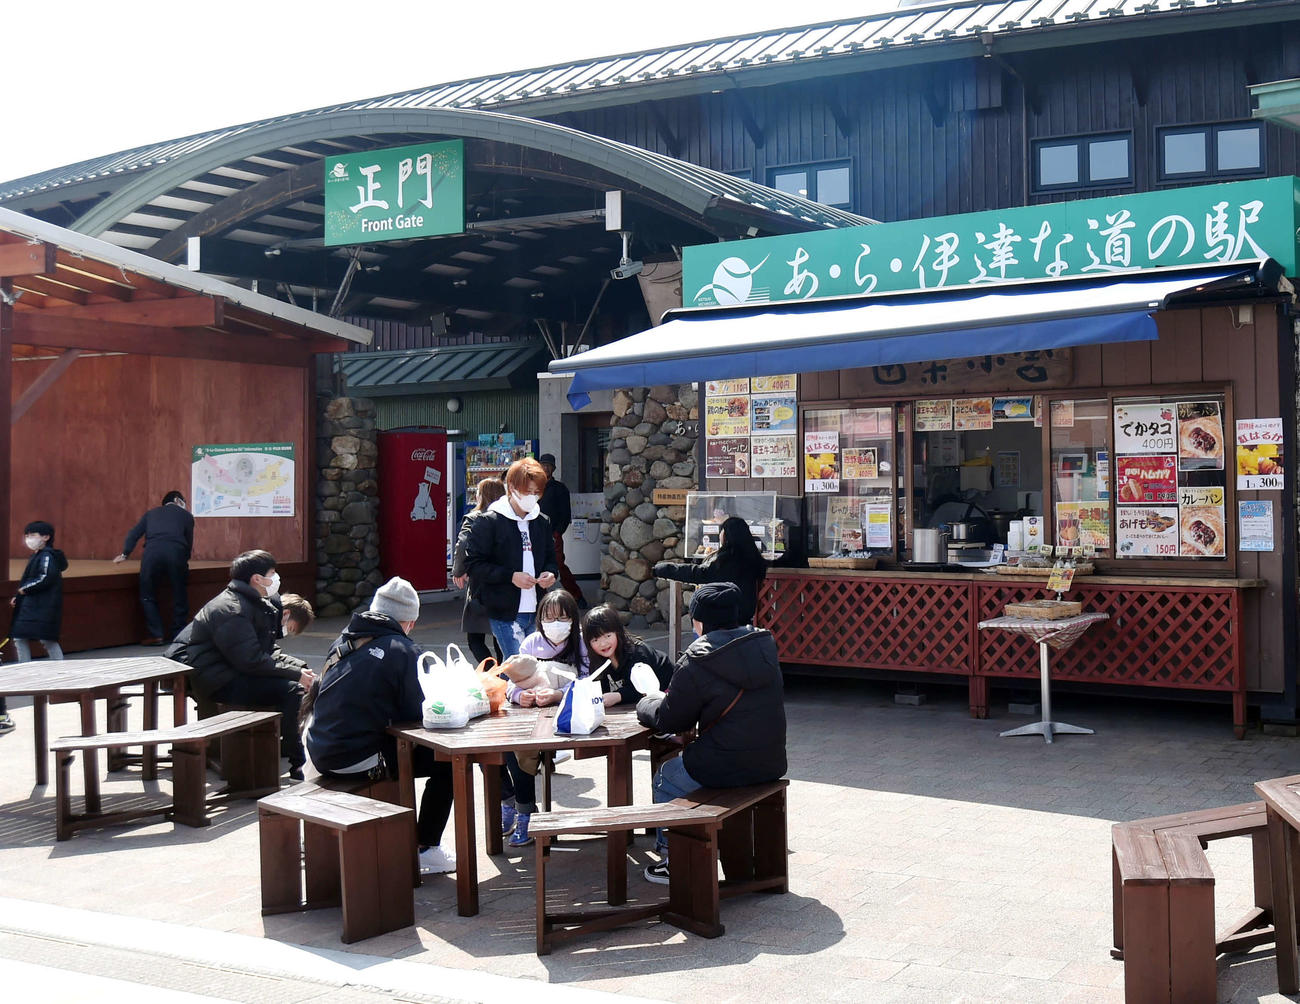 道の駅の外のベンチで食事をする観光客